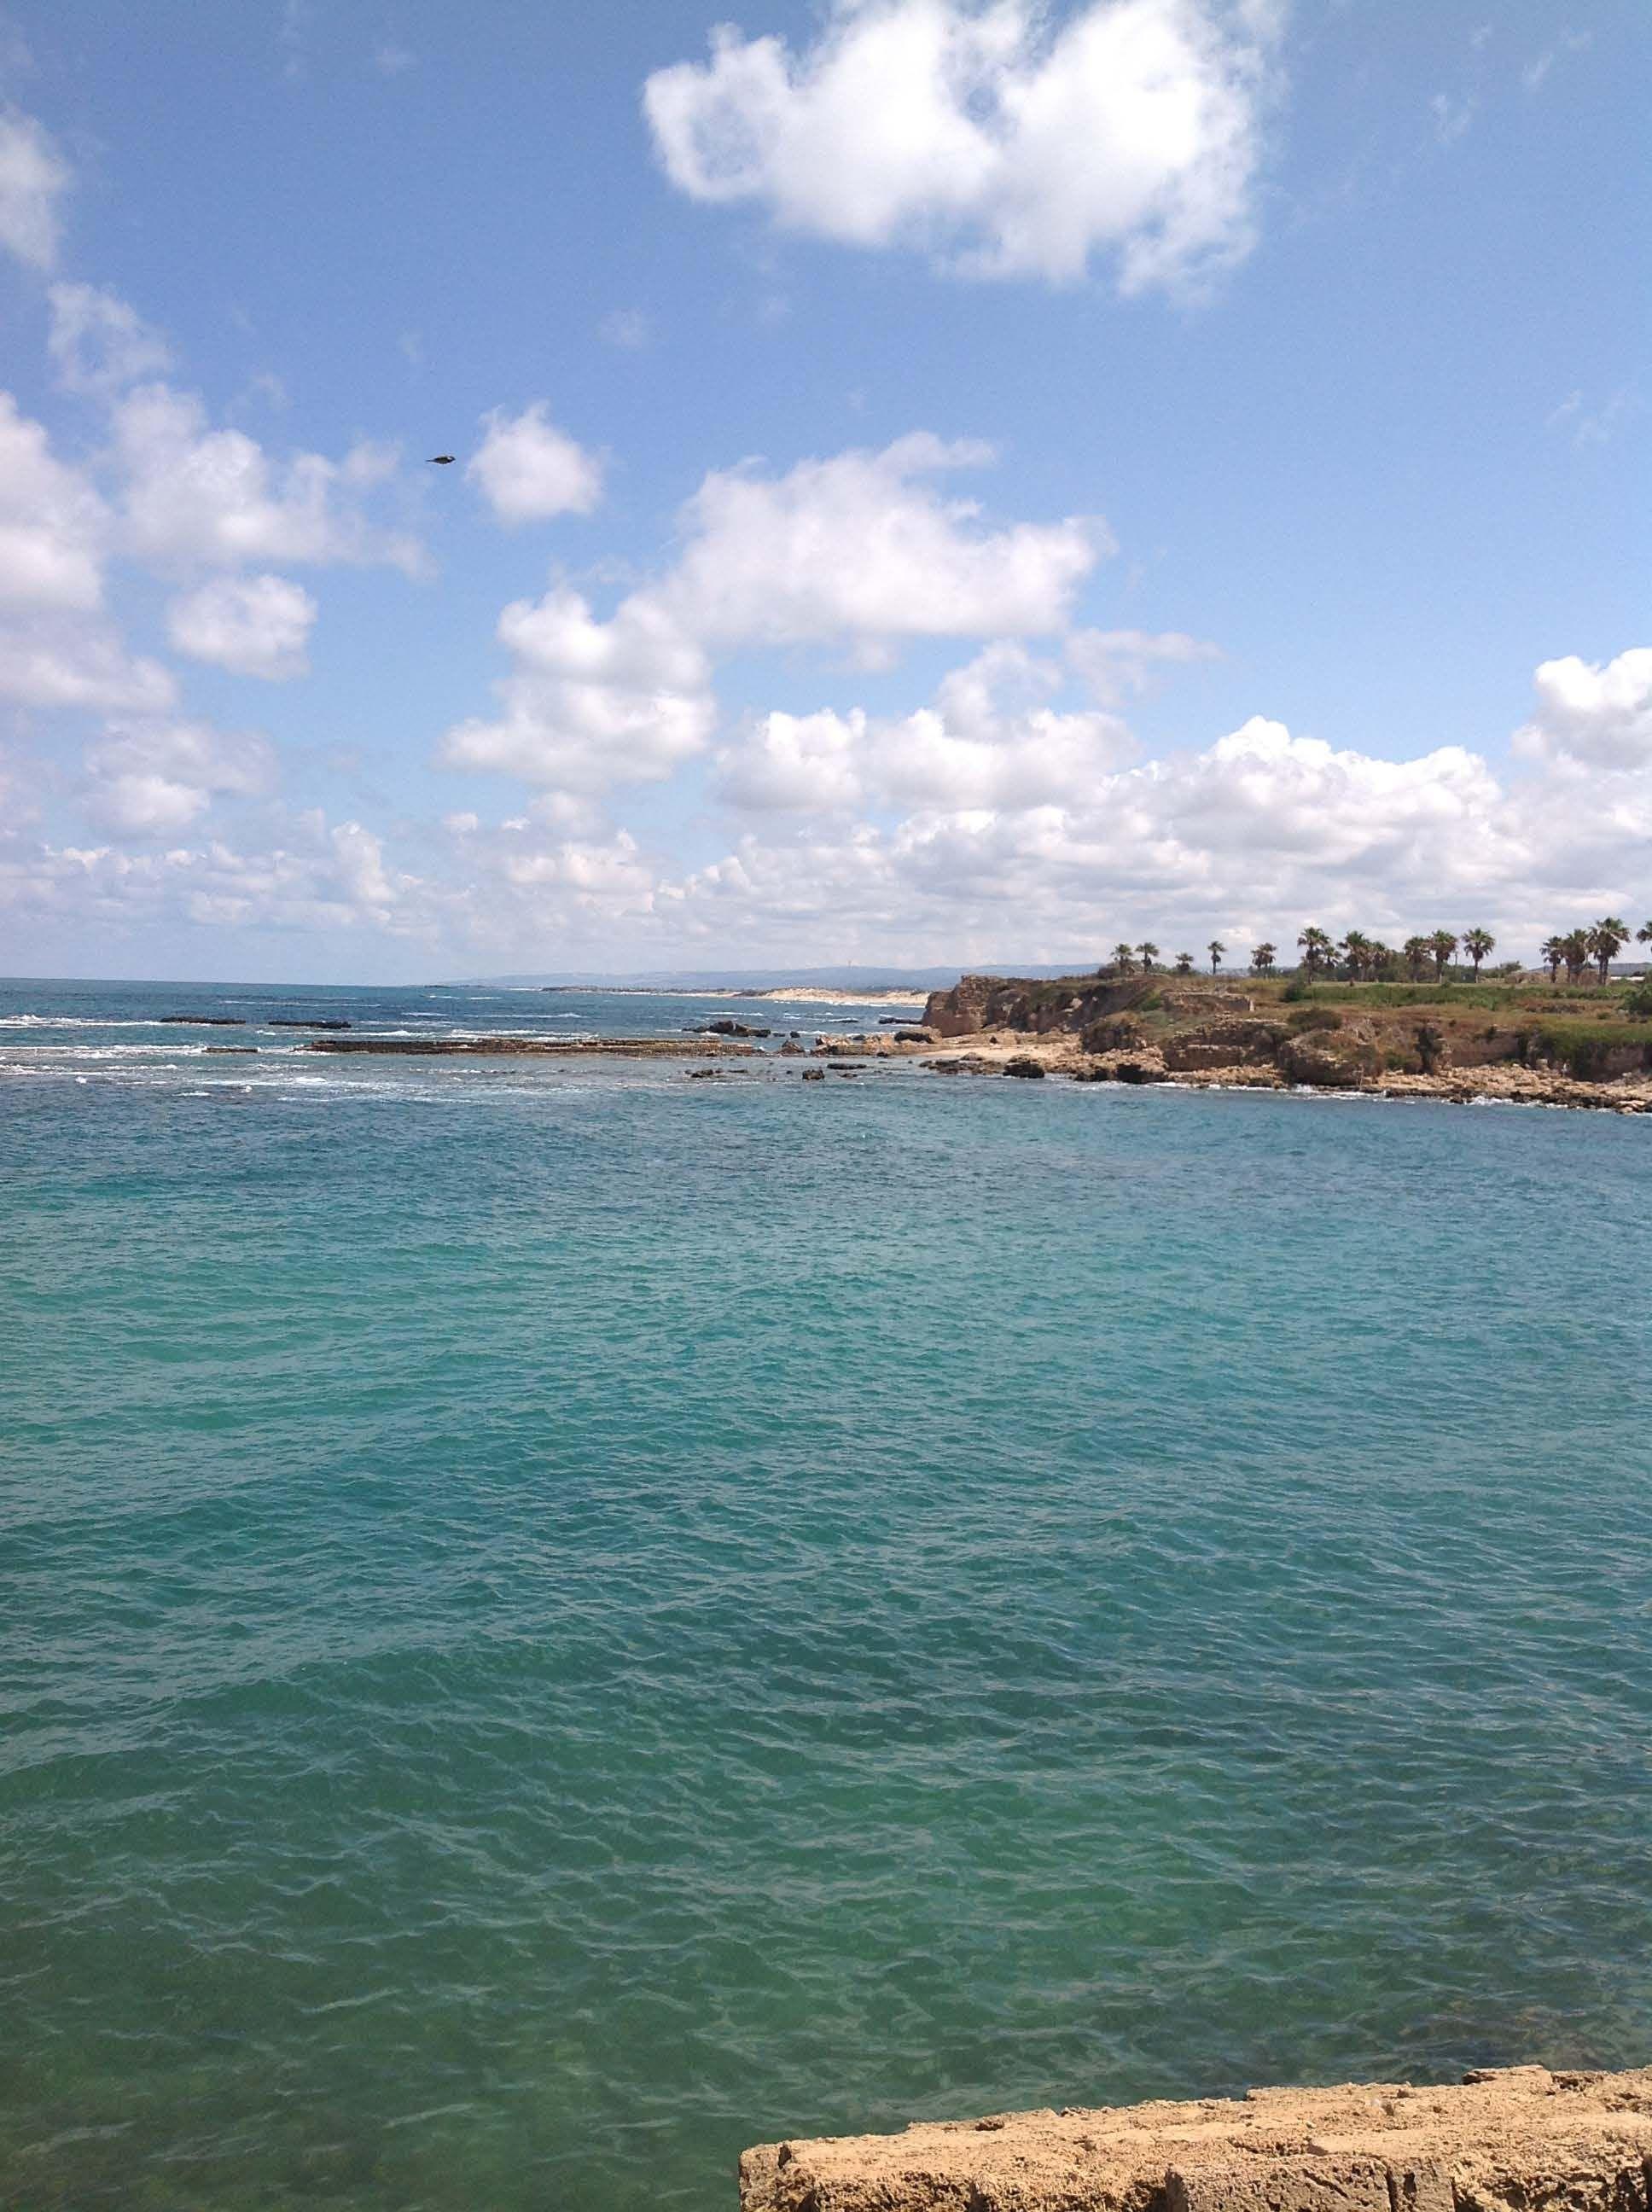 143. The Harbor of Caesarea